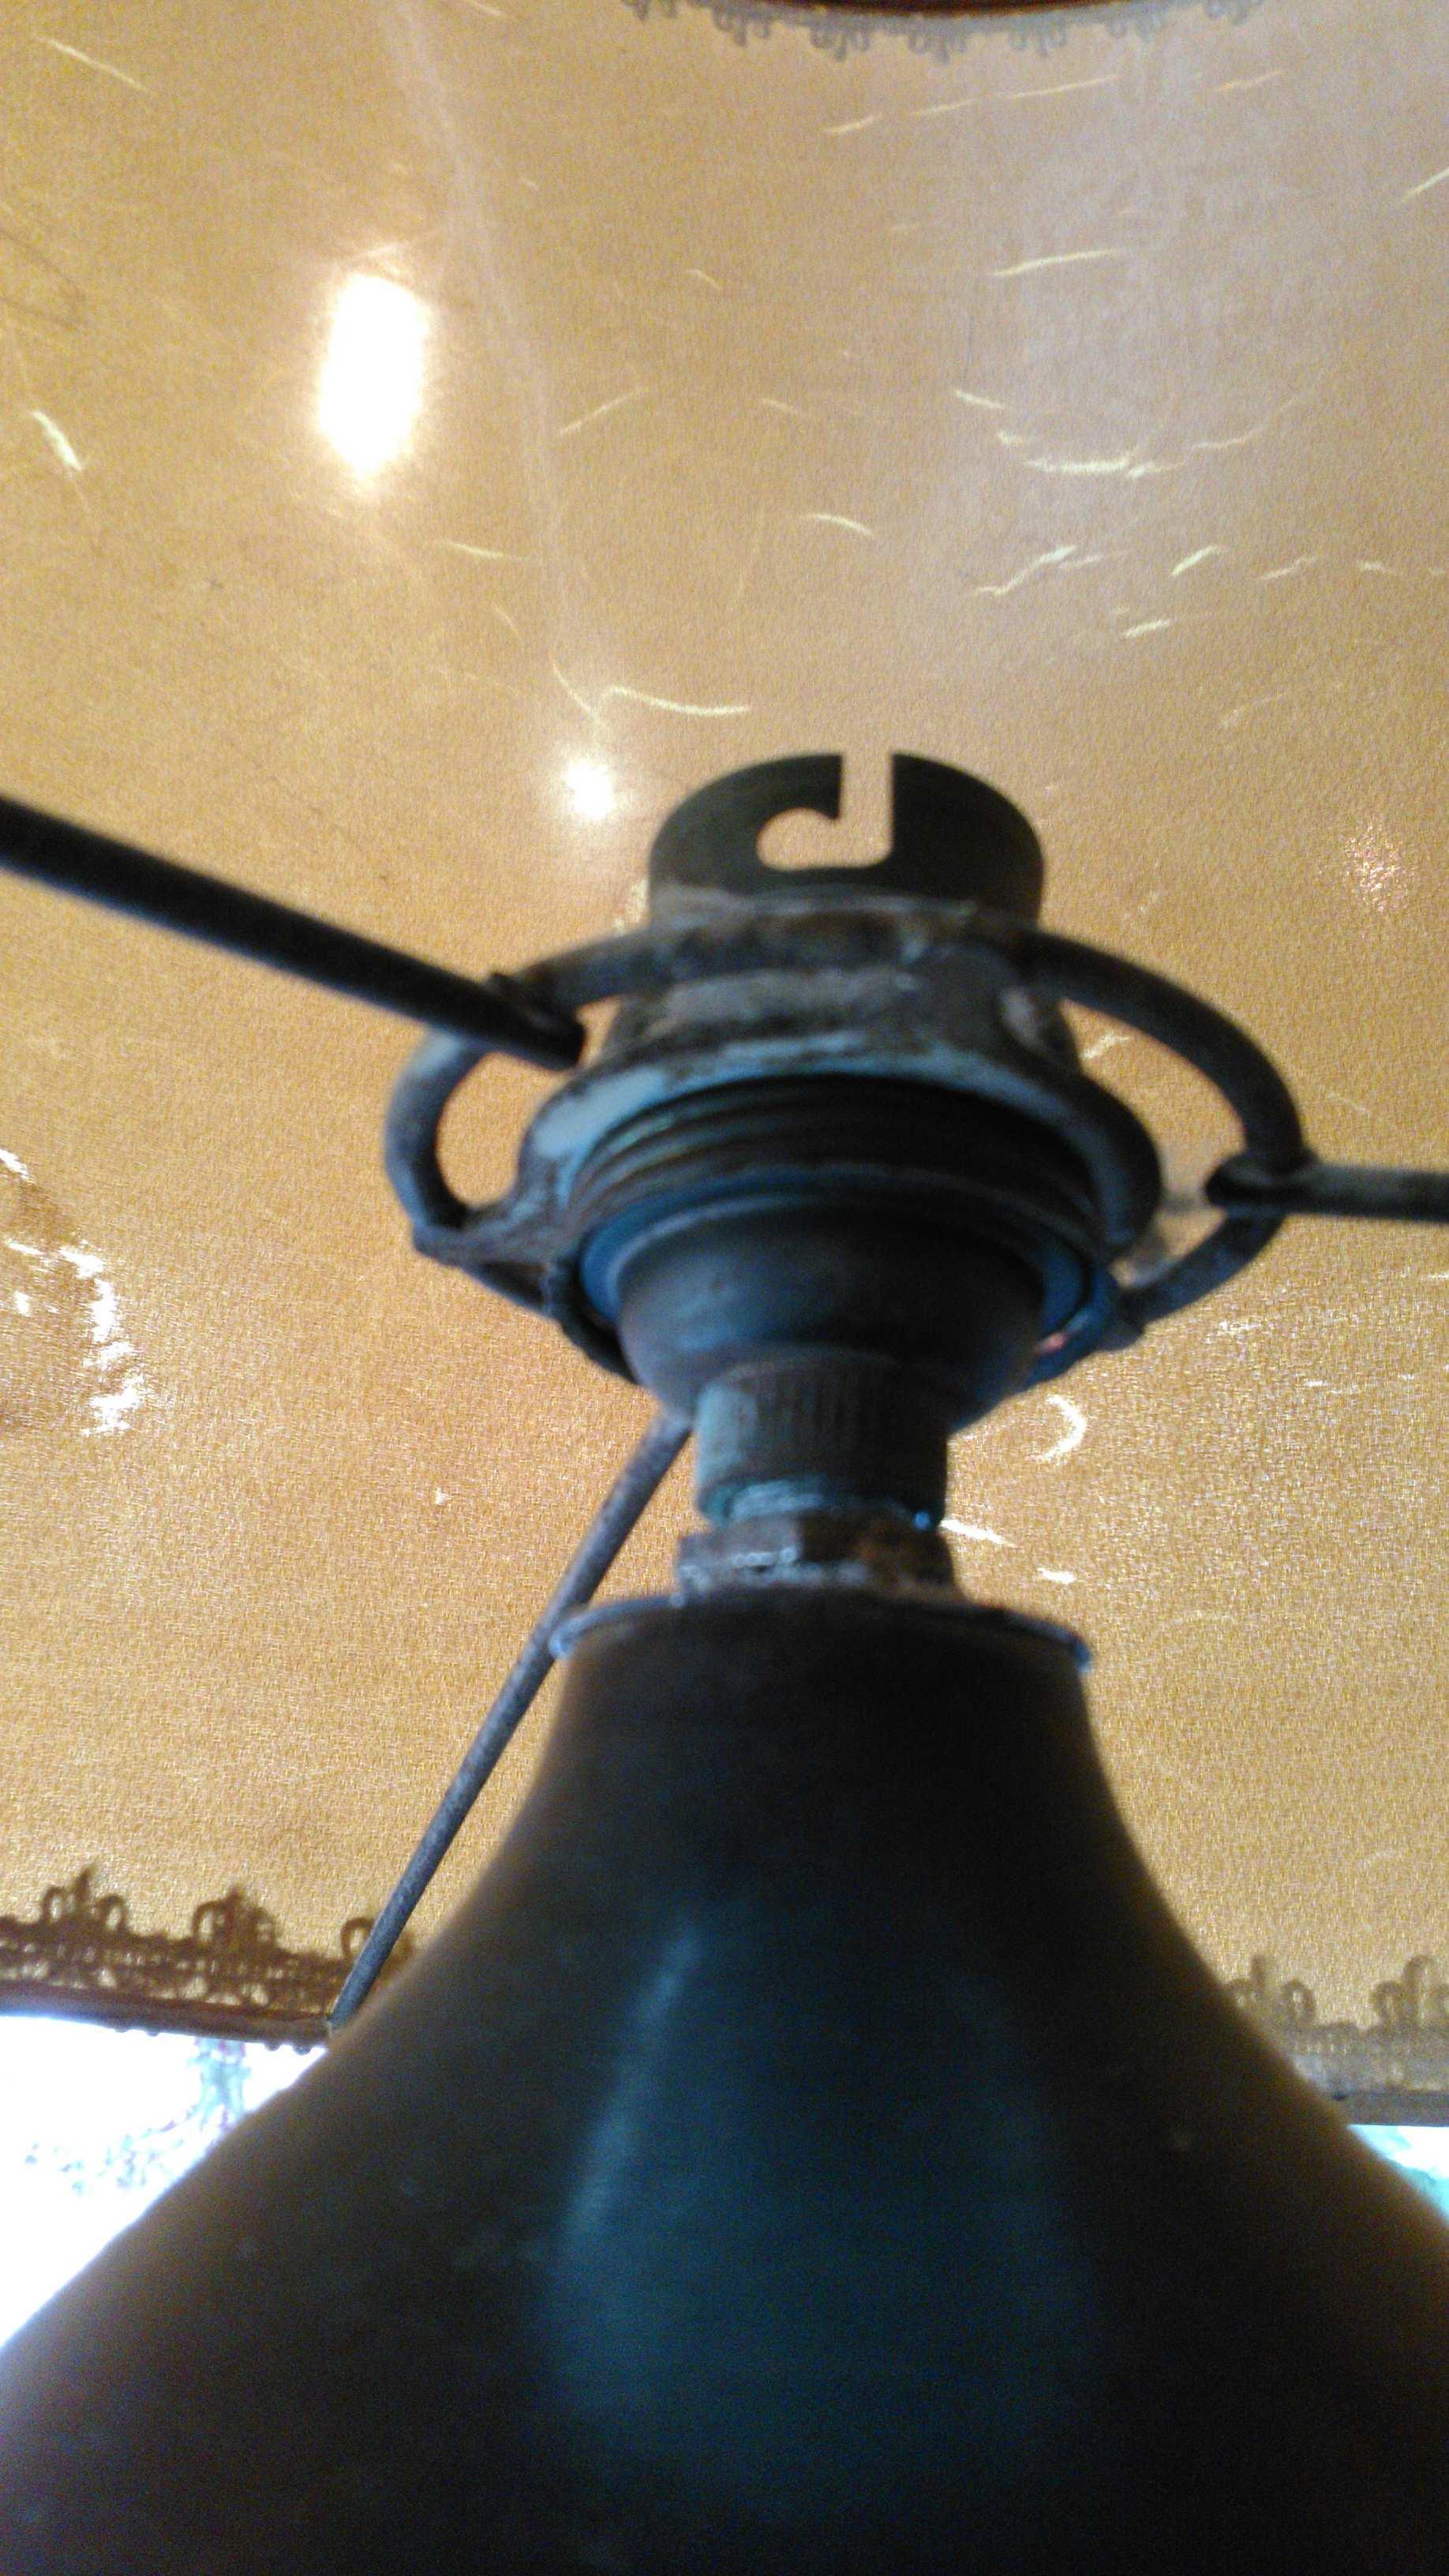 ランプシェード張替・修理 モリス『マリーゴールド』 ウィリアムモリス正規販売店のブライト_c0157866_17333701.jpg